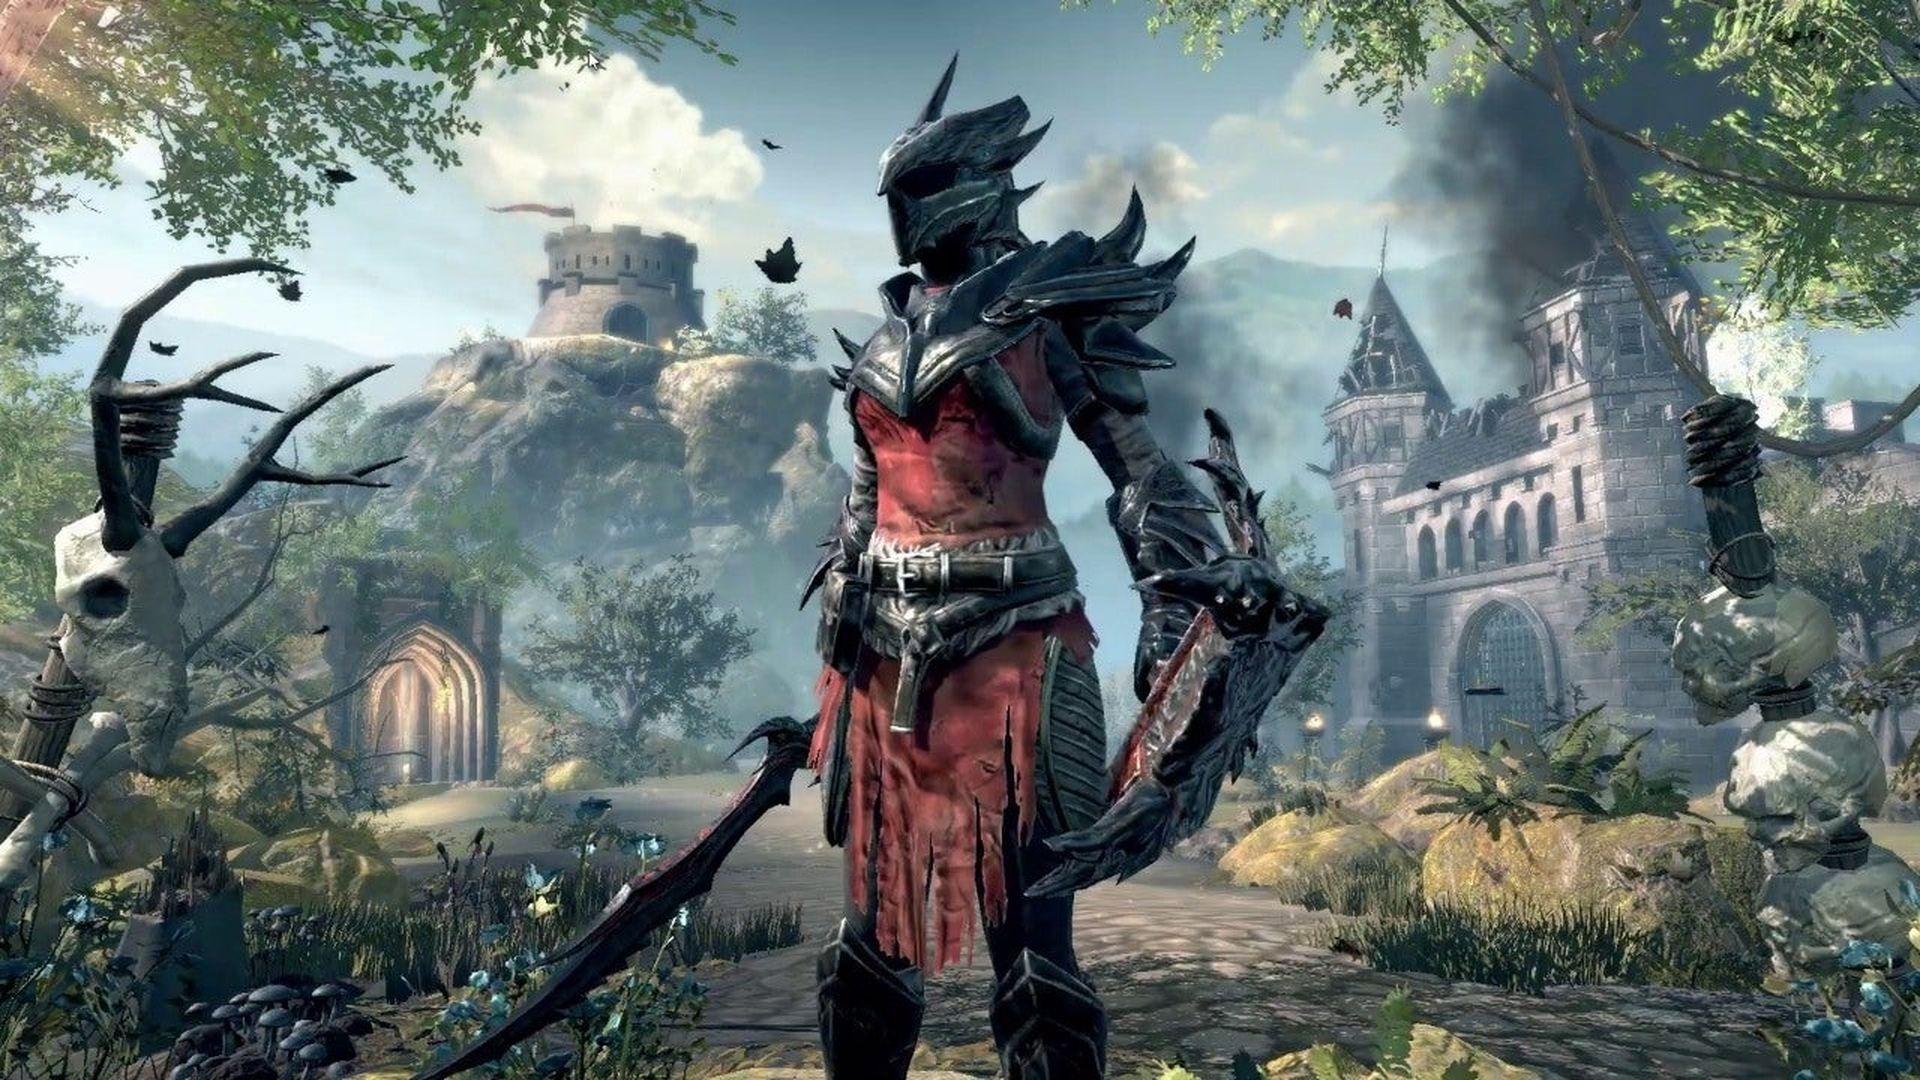 The Elder Scrolls: Blades Review - Bethesda's Laziest Adventure